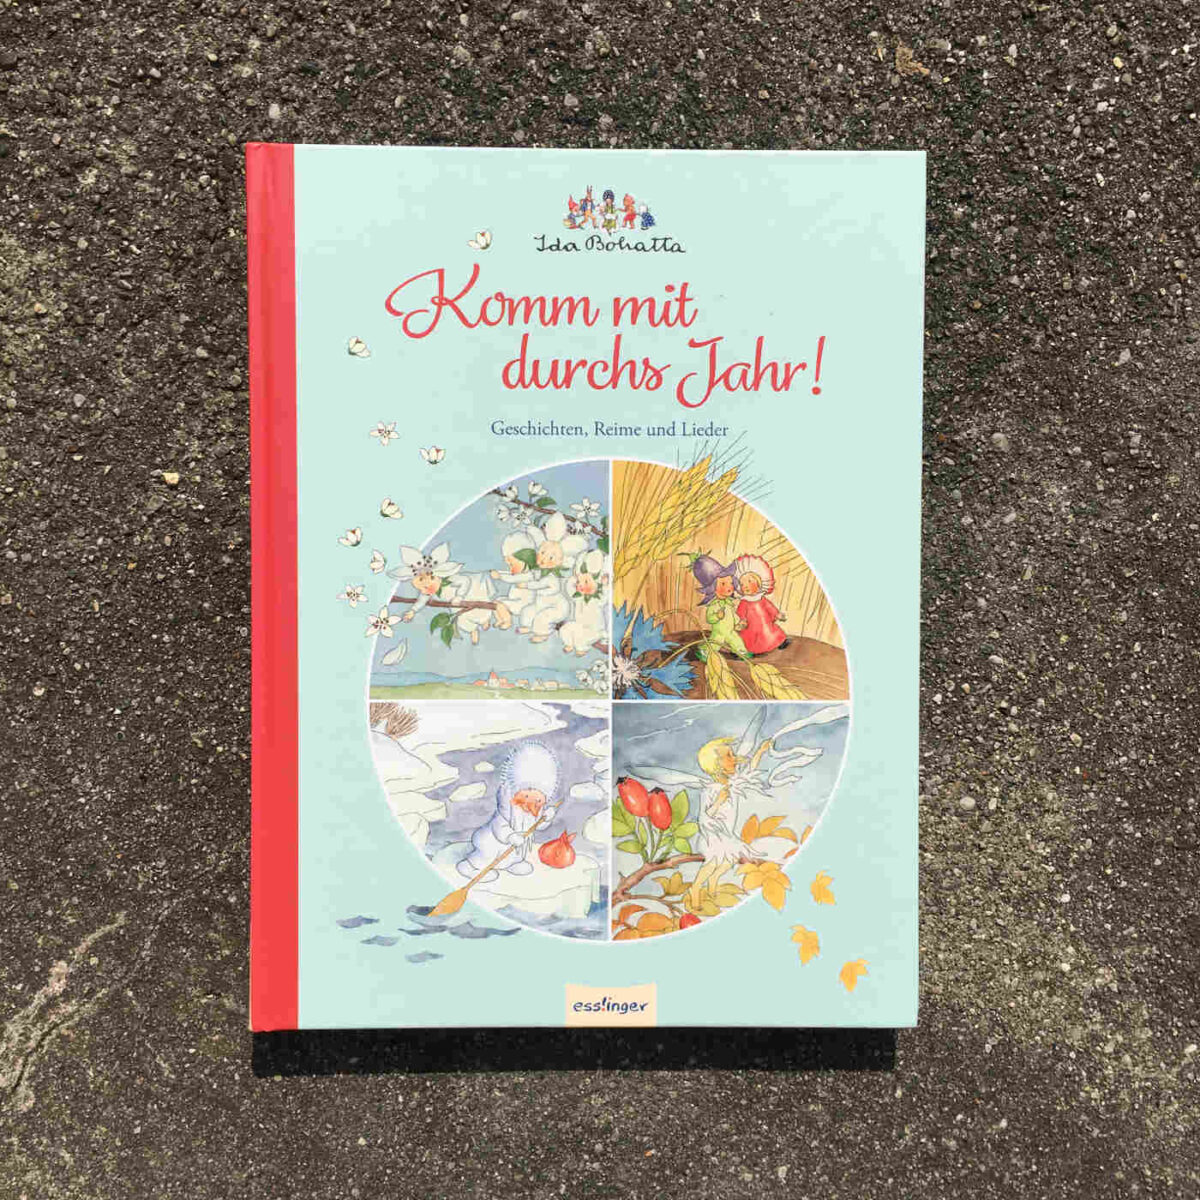 Mit bezaubernden Geschichten, Reimen, Illustrationen und Liedern durchs Jahr